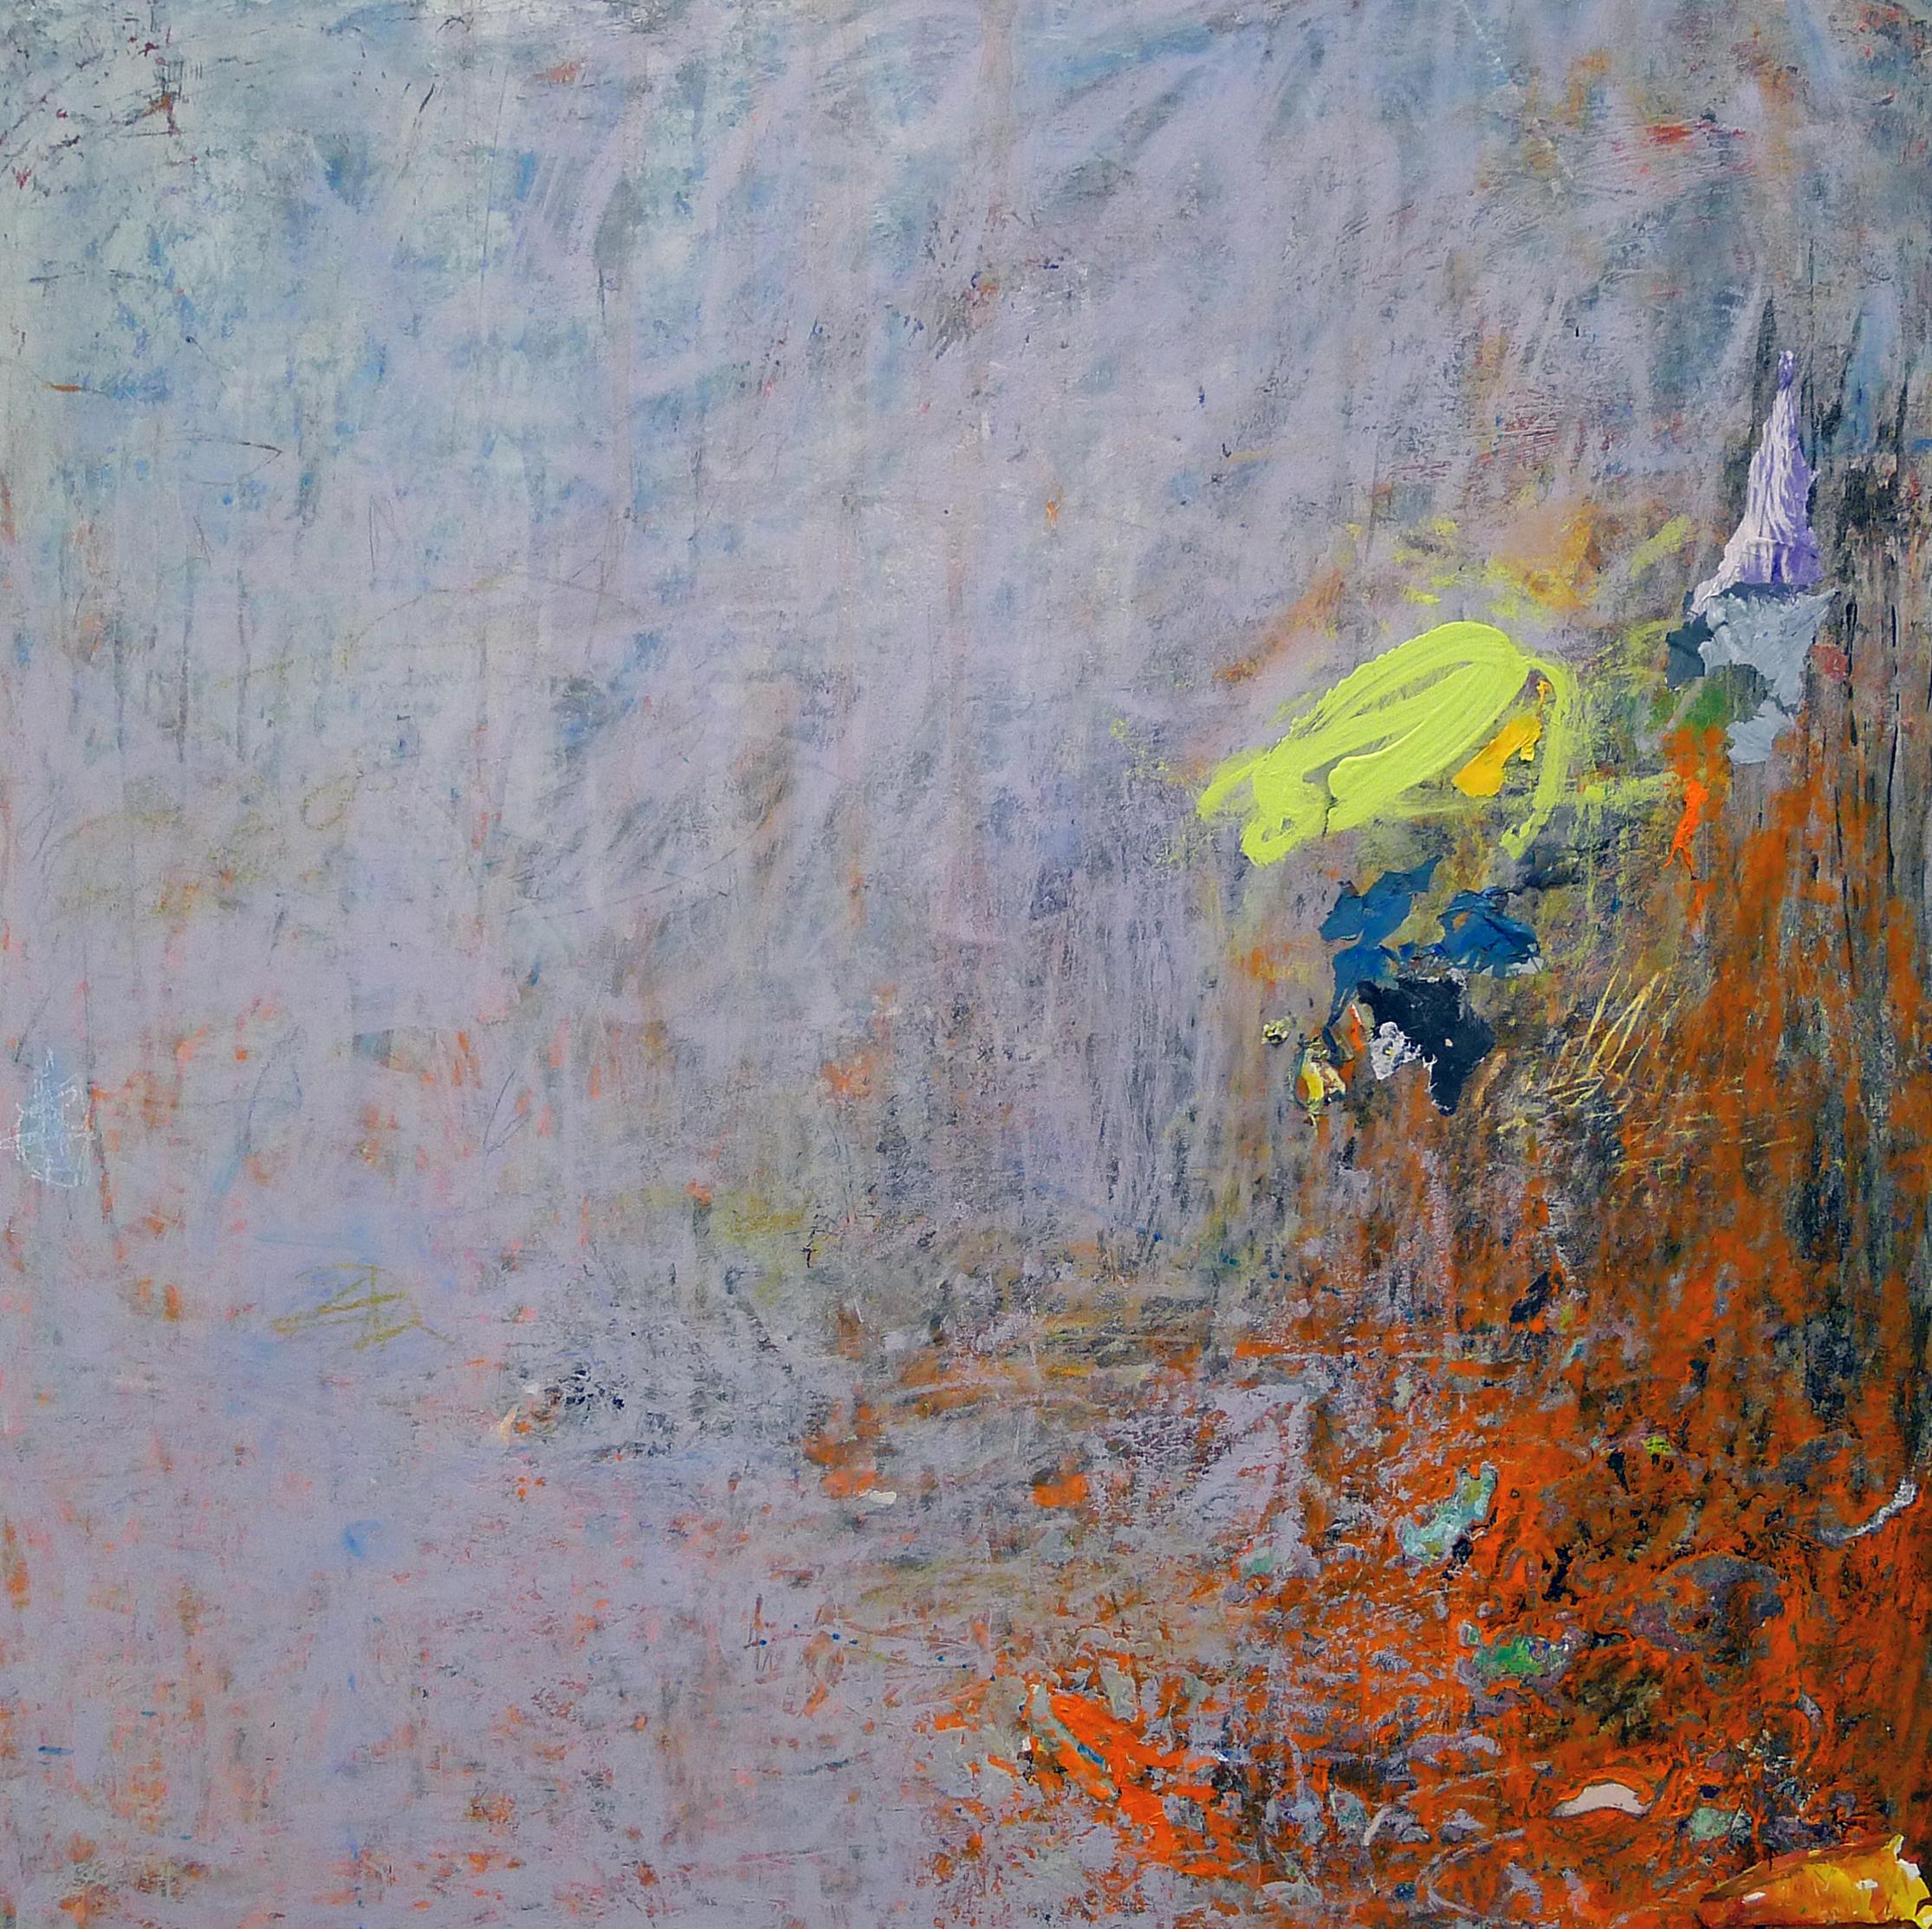 Mazama 4 , Acrylic on panel, 24x24